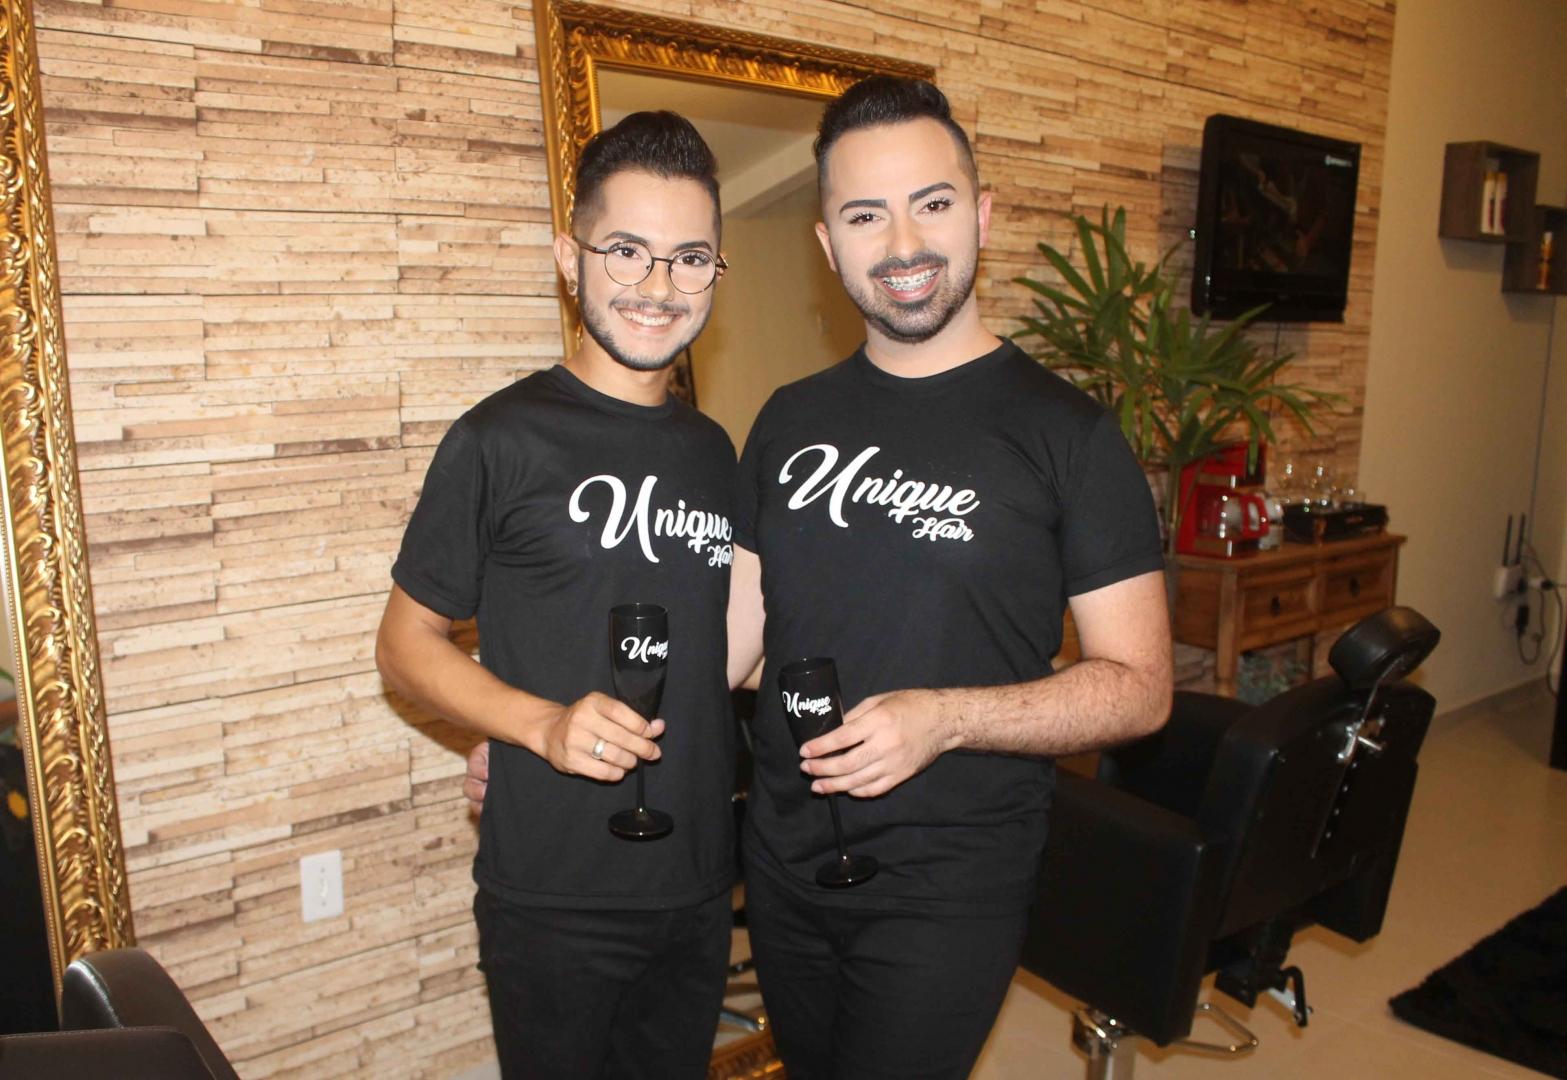 Hair Stylists inauguraram salão de beleza Unique Hair, em Araranguá